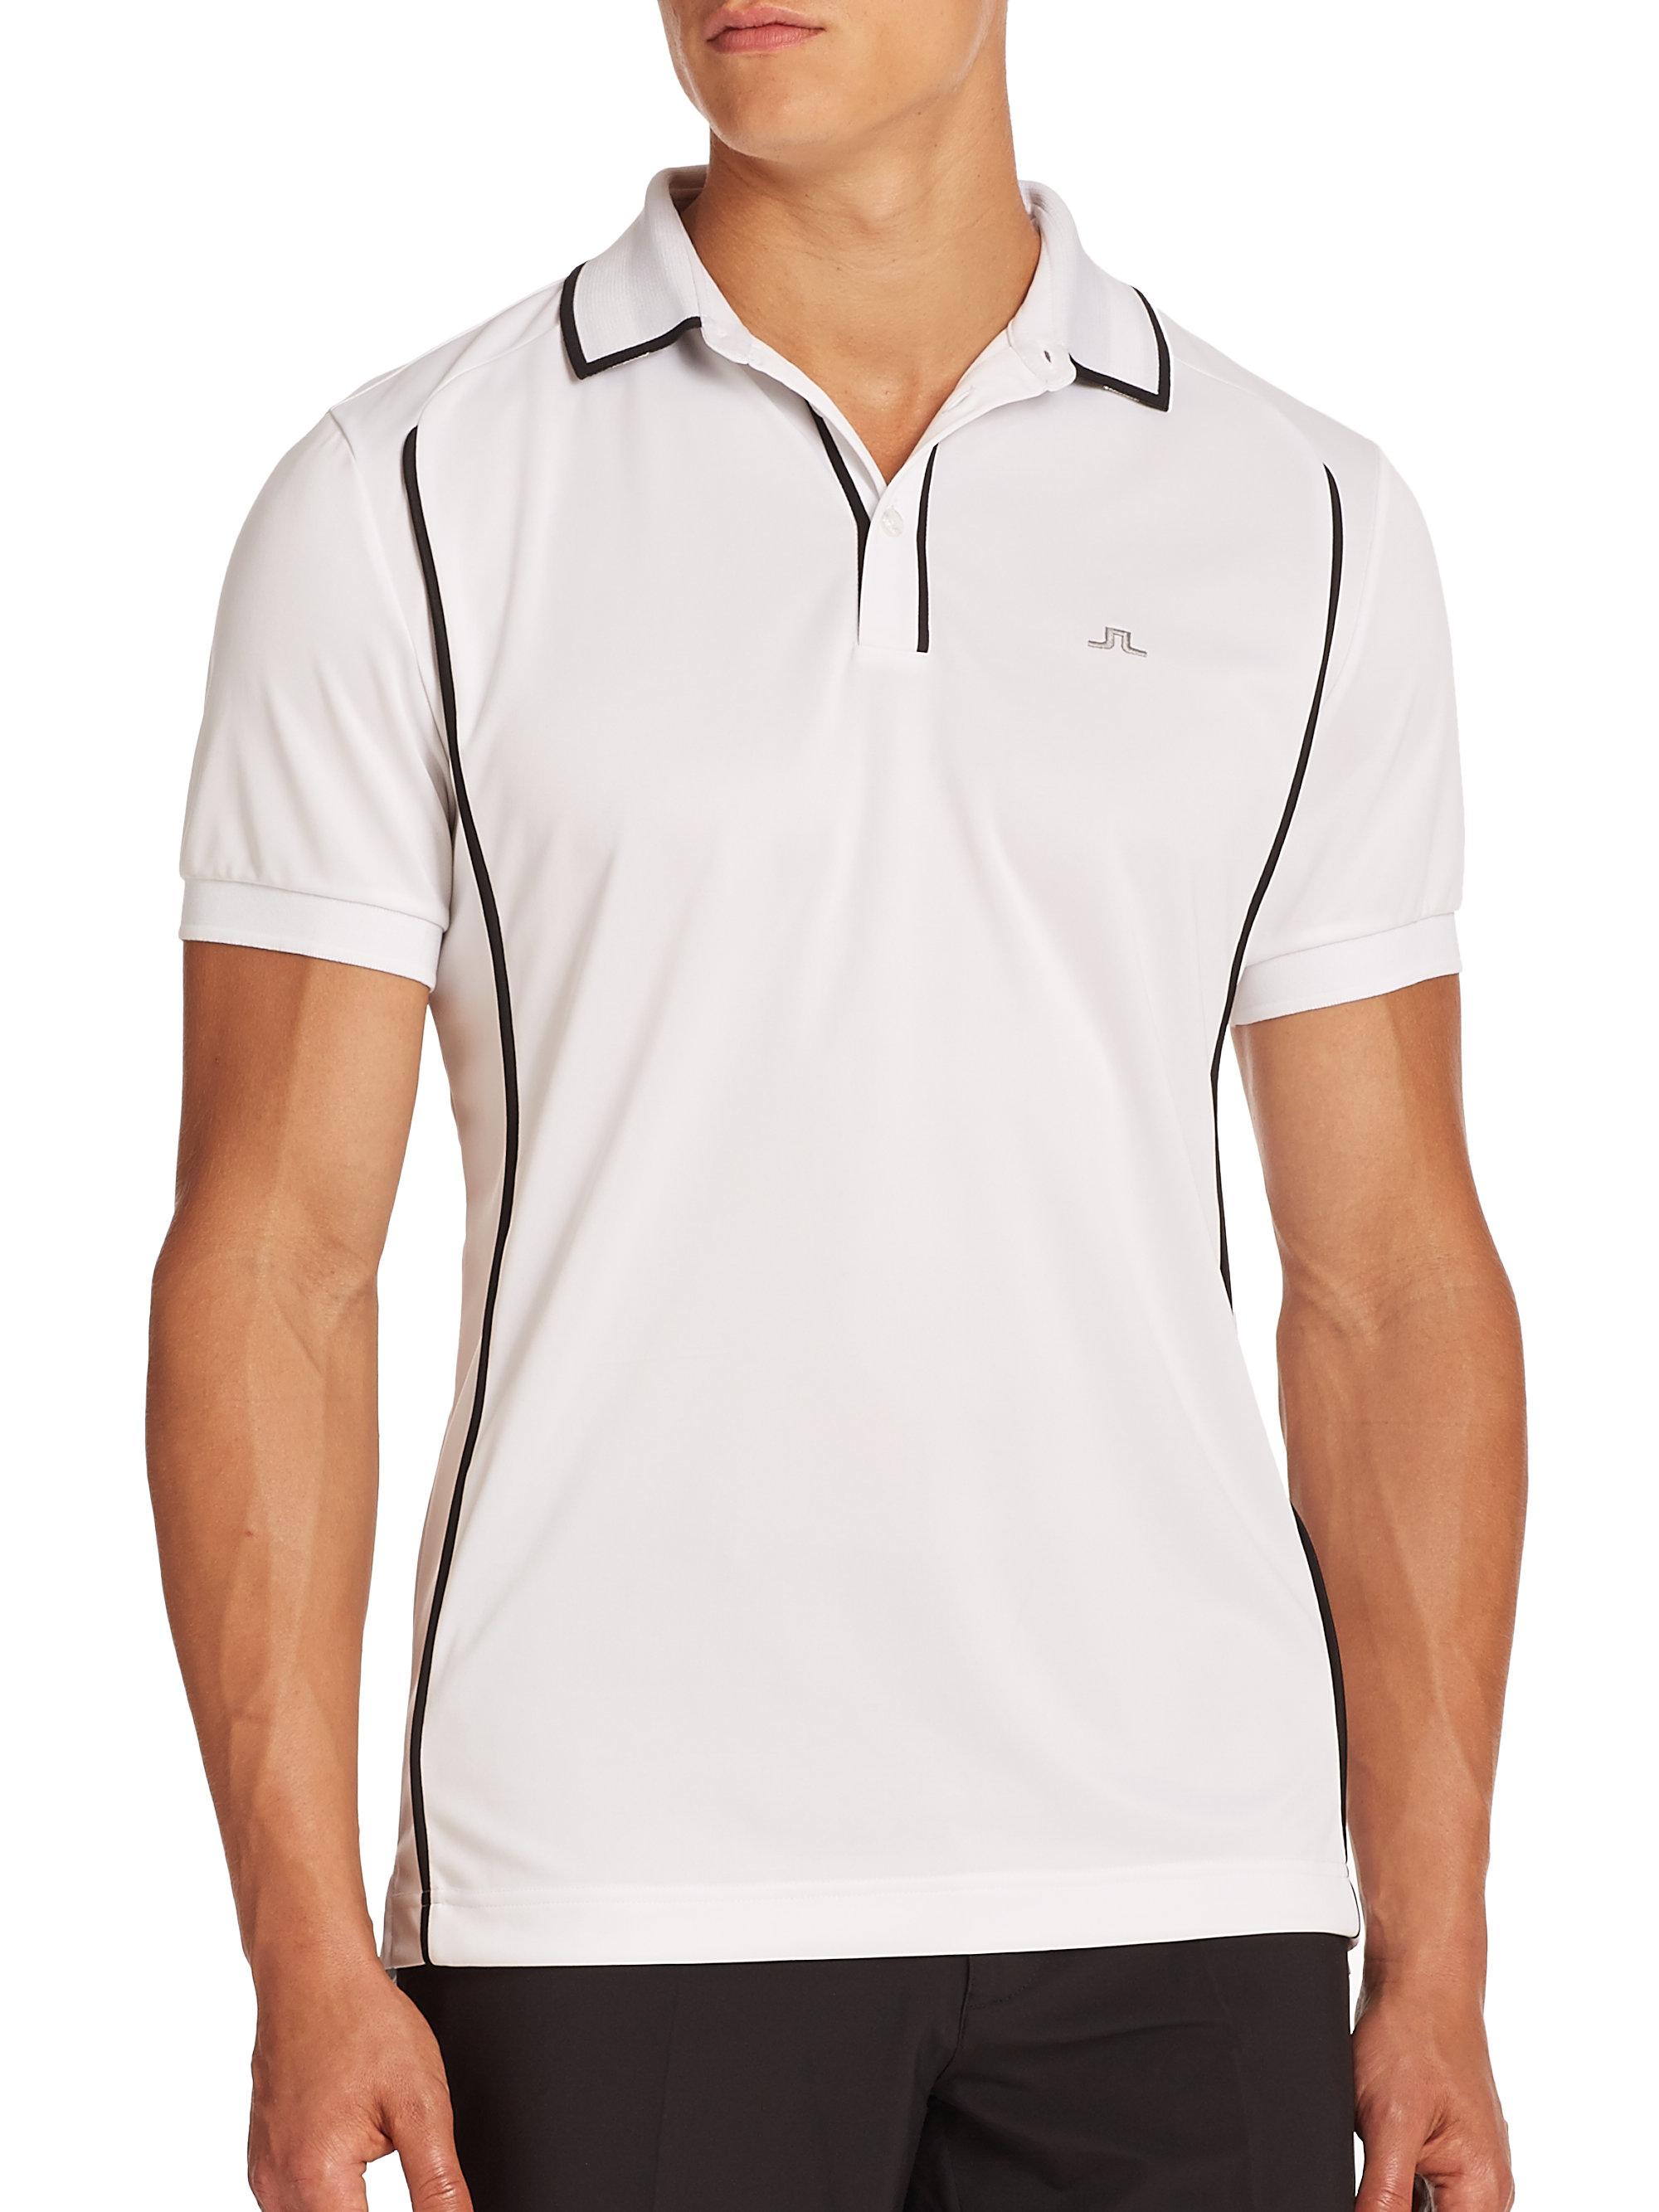 Moisture Wicking Polo Shirts Ralph Lauren